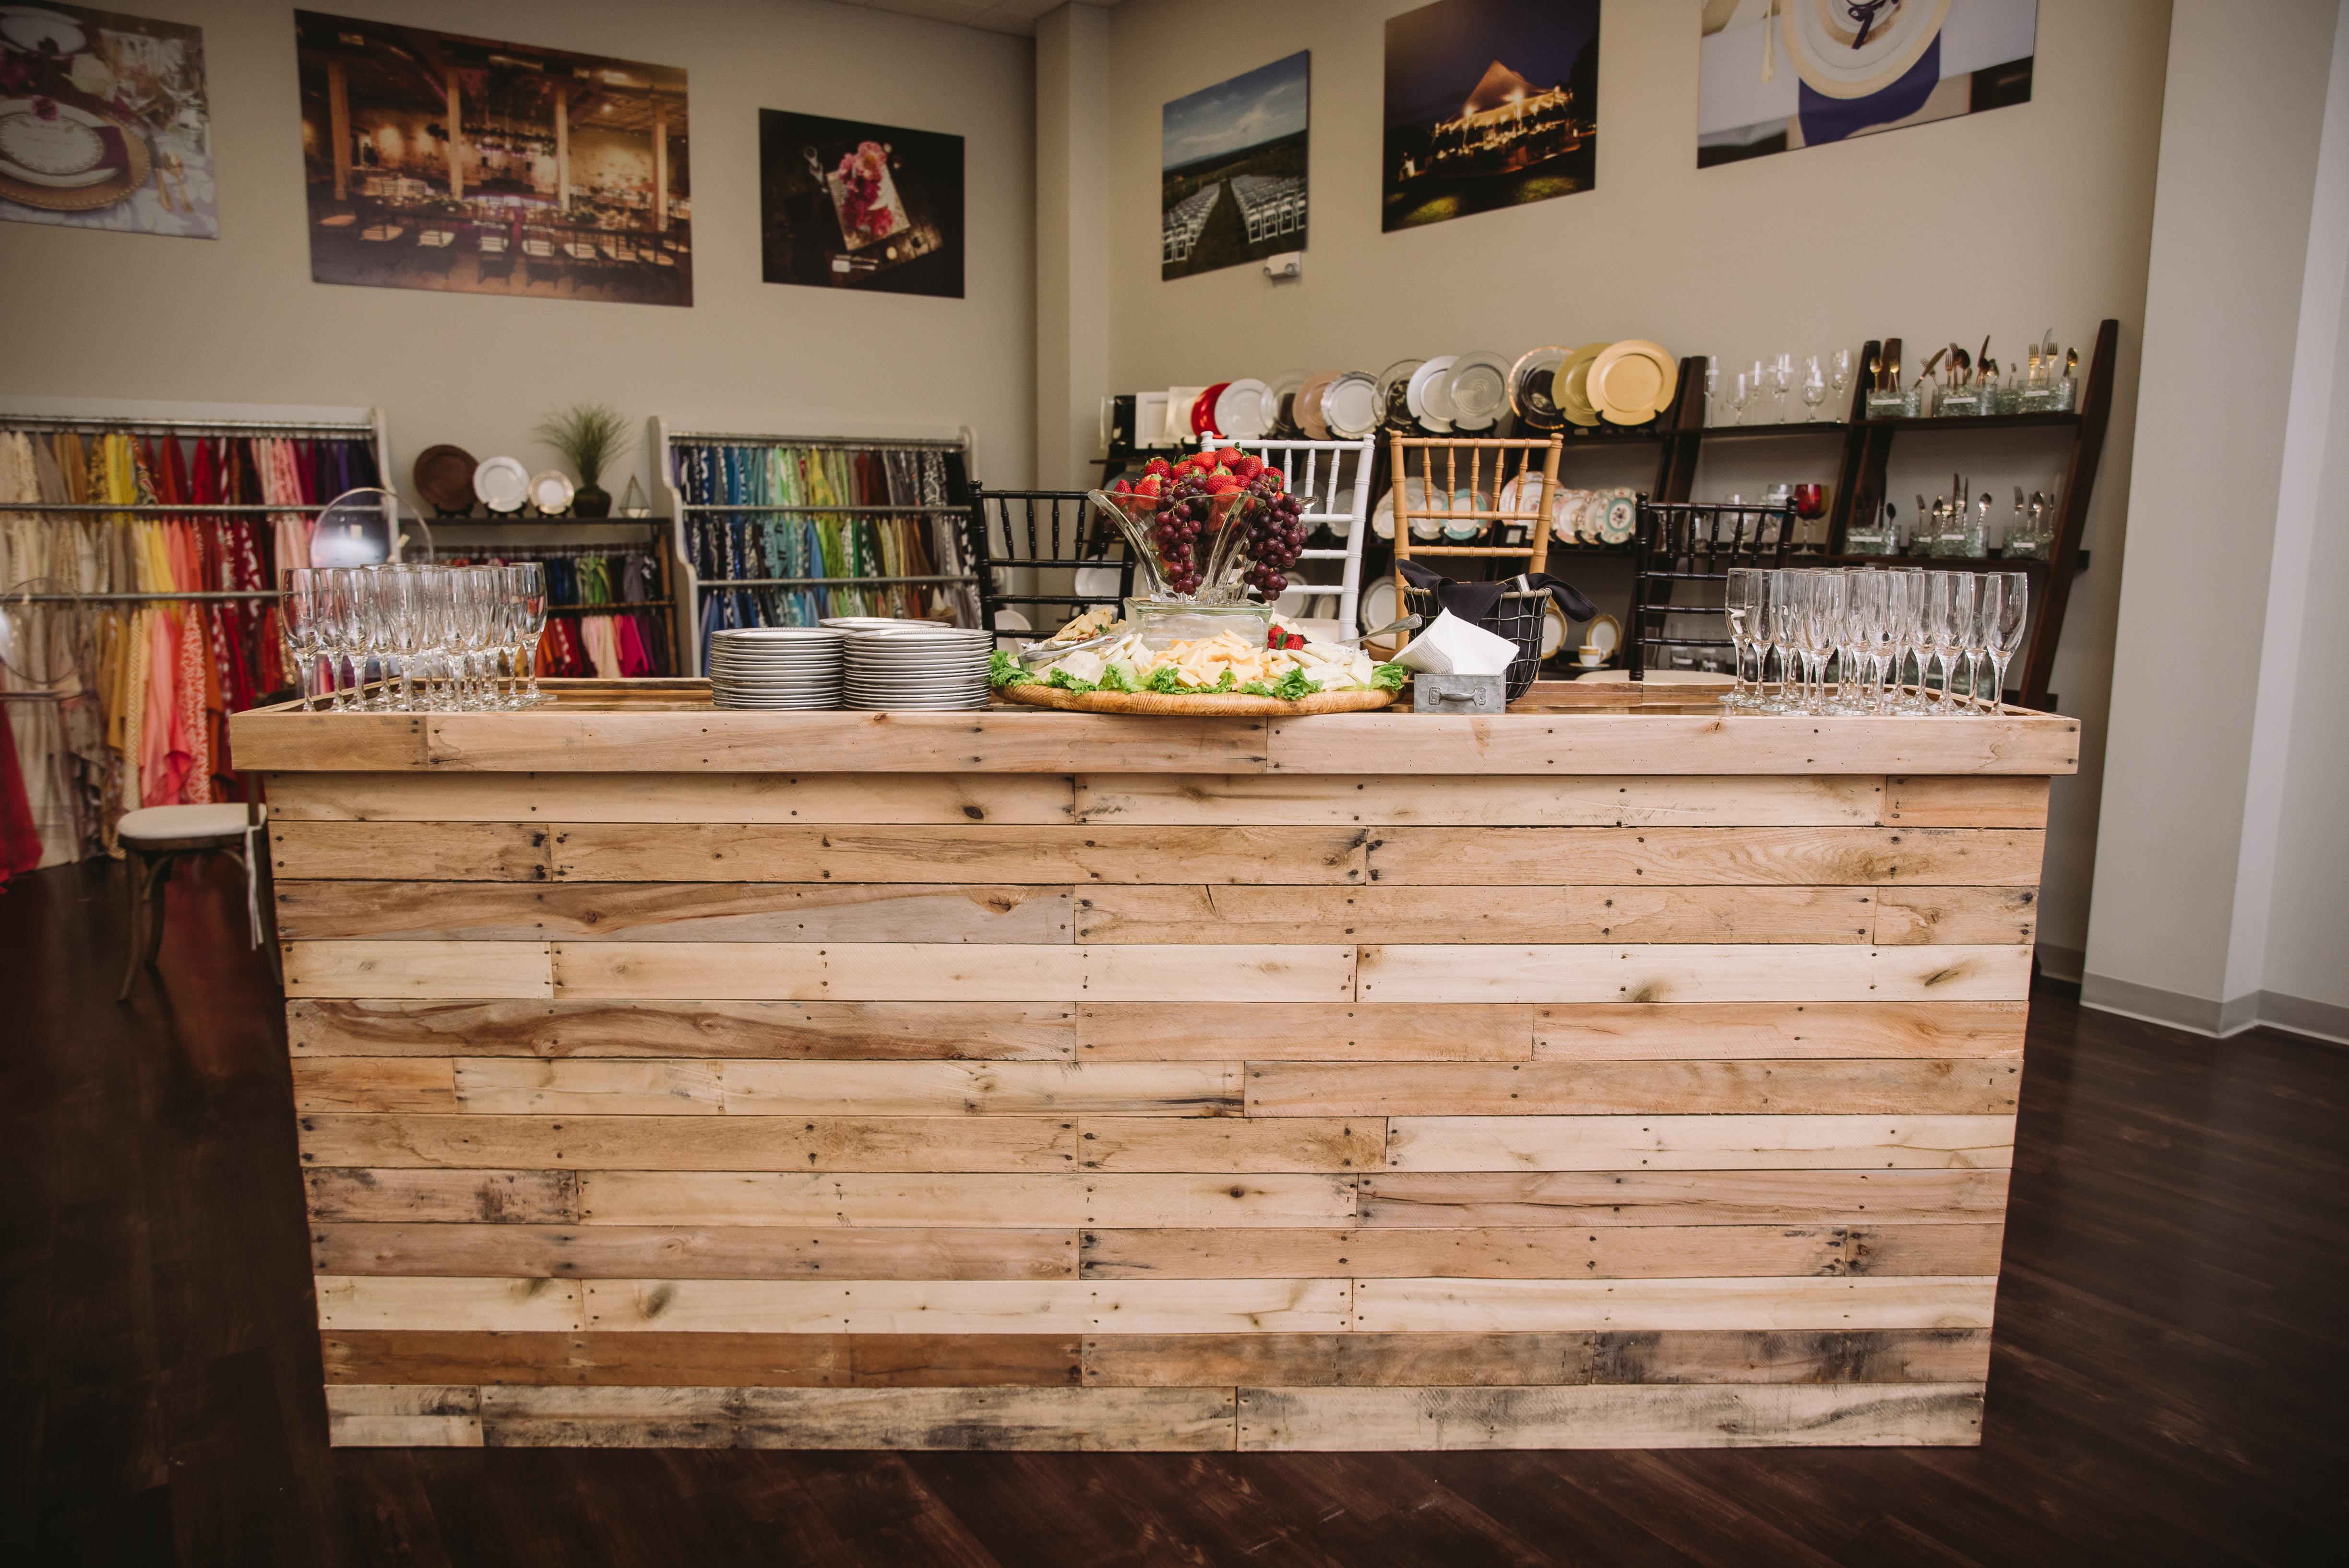 New 8' Rustic Pallet Bar